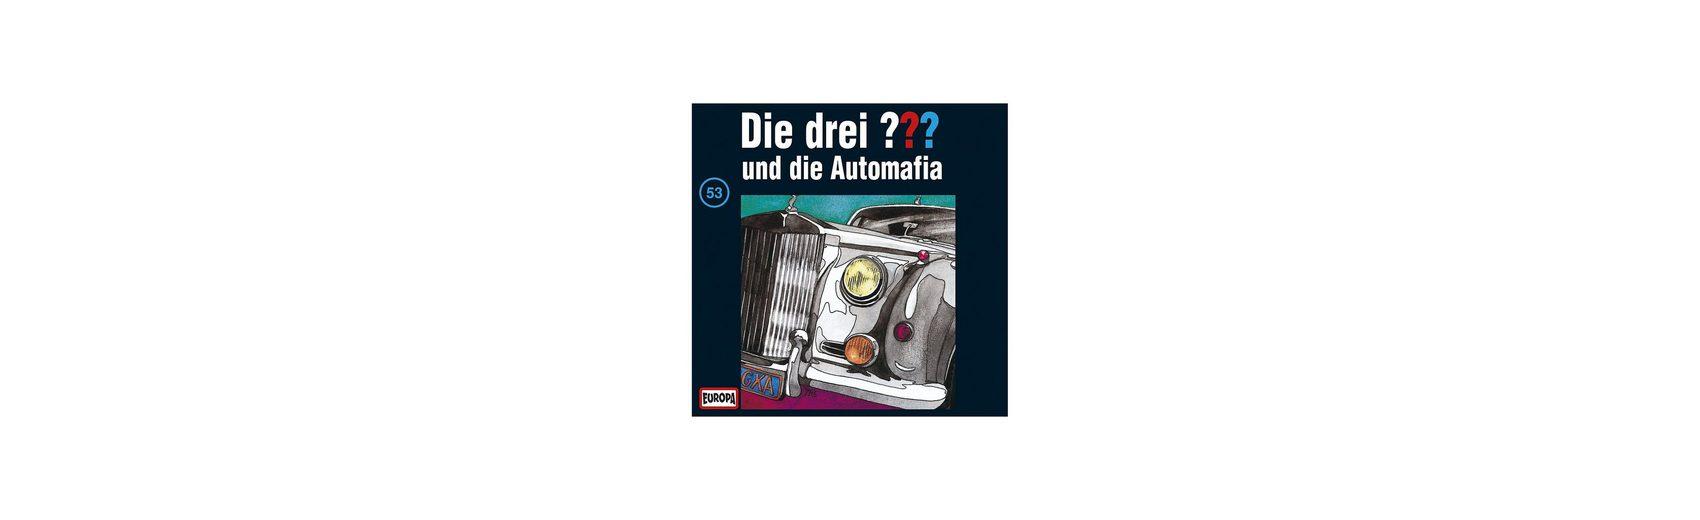 SONY BMG MUSIC CD Drei ??? 53 - und die Automafia